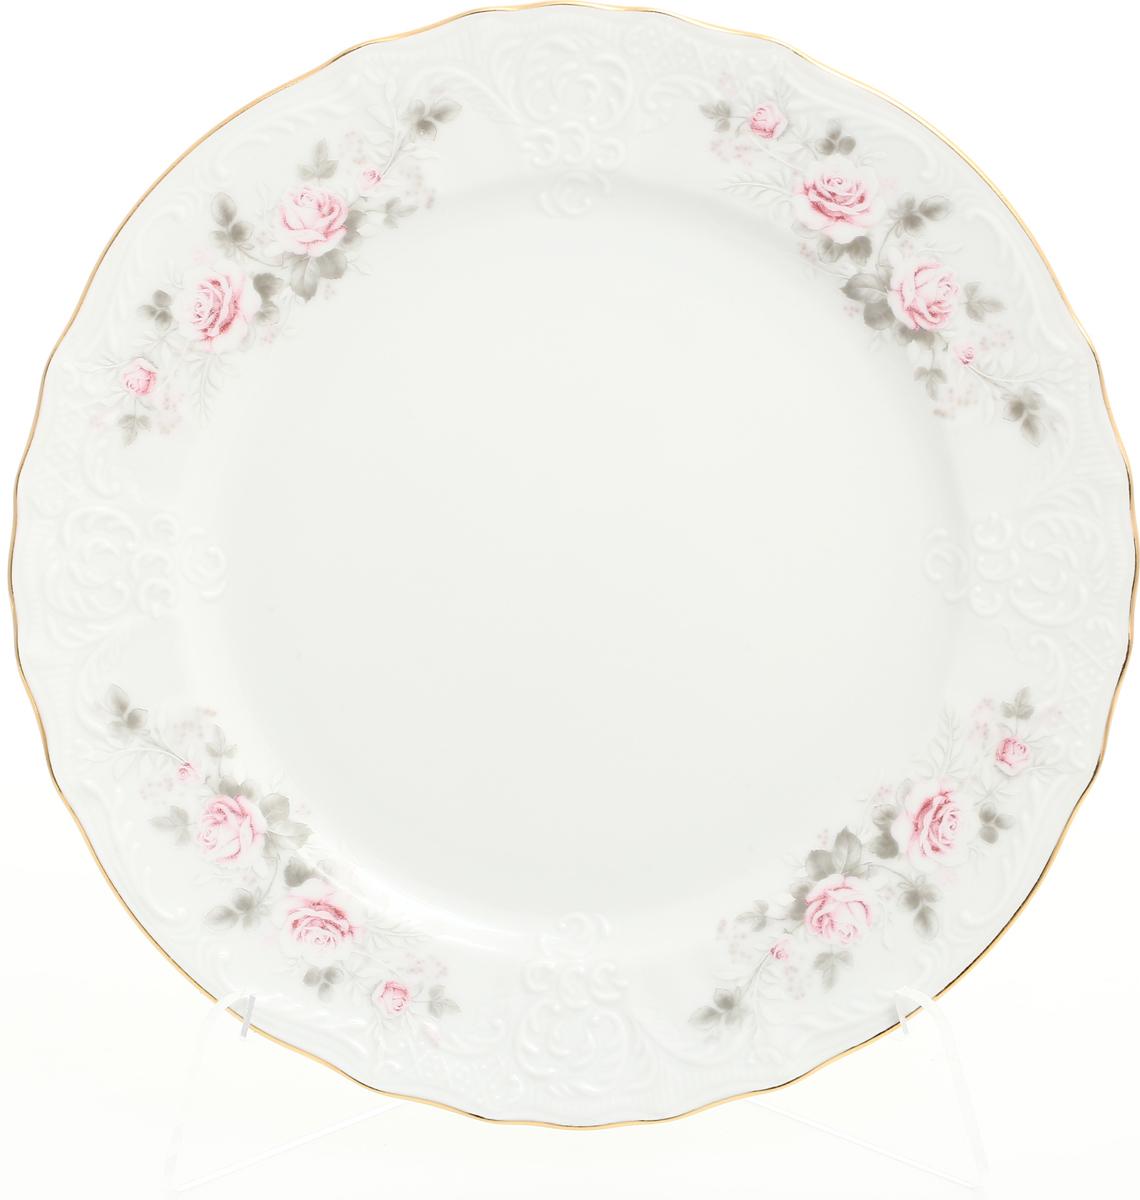 Набор тарелок Bernadotte Серая роза. Золото, диаметр 21 см, 6 шт набор глубоких тарелок bernadotte серая роза золото диаметр 23 см 6 шт